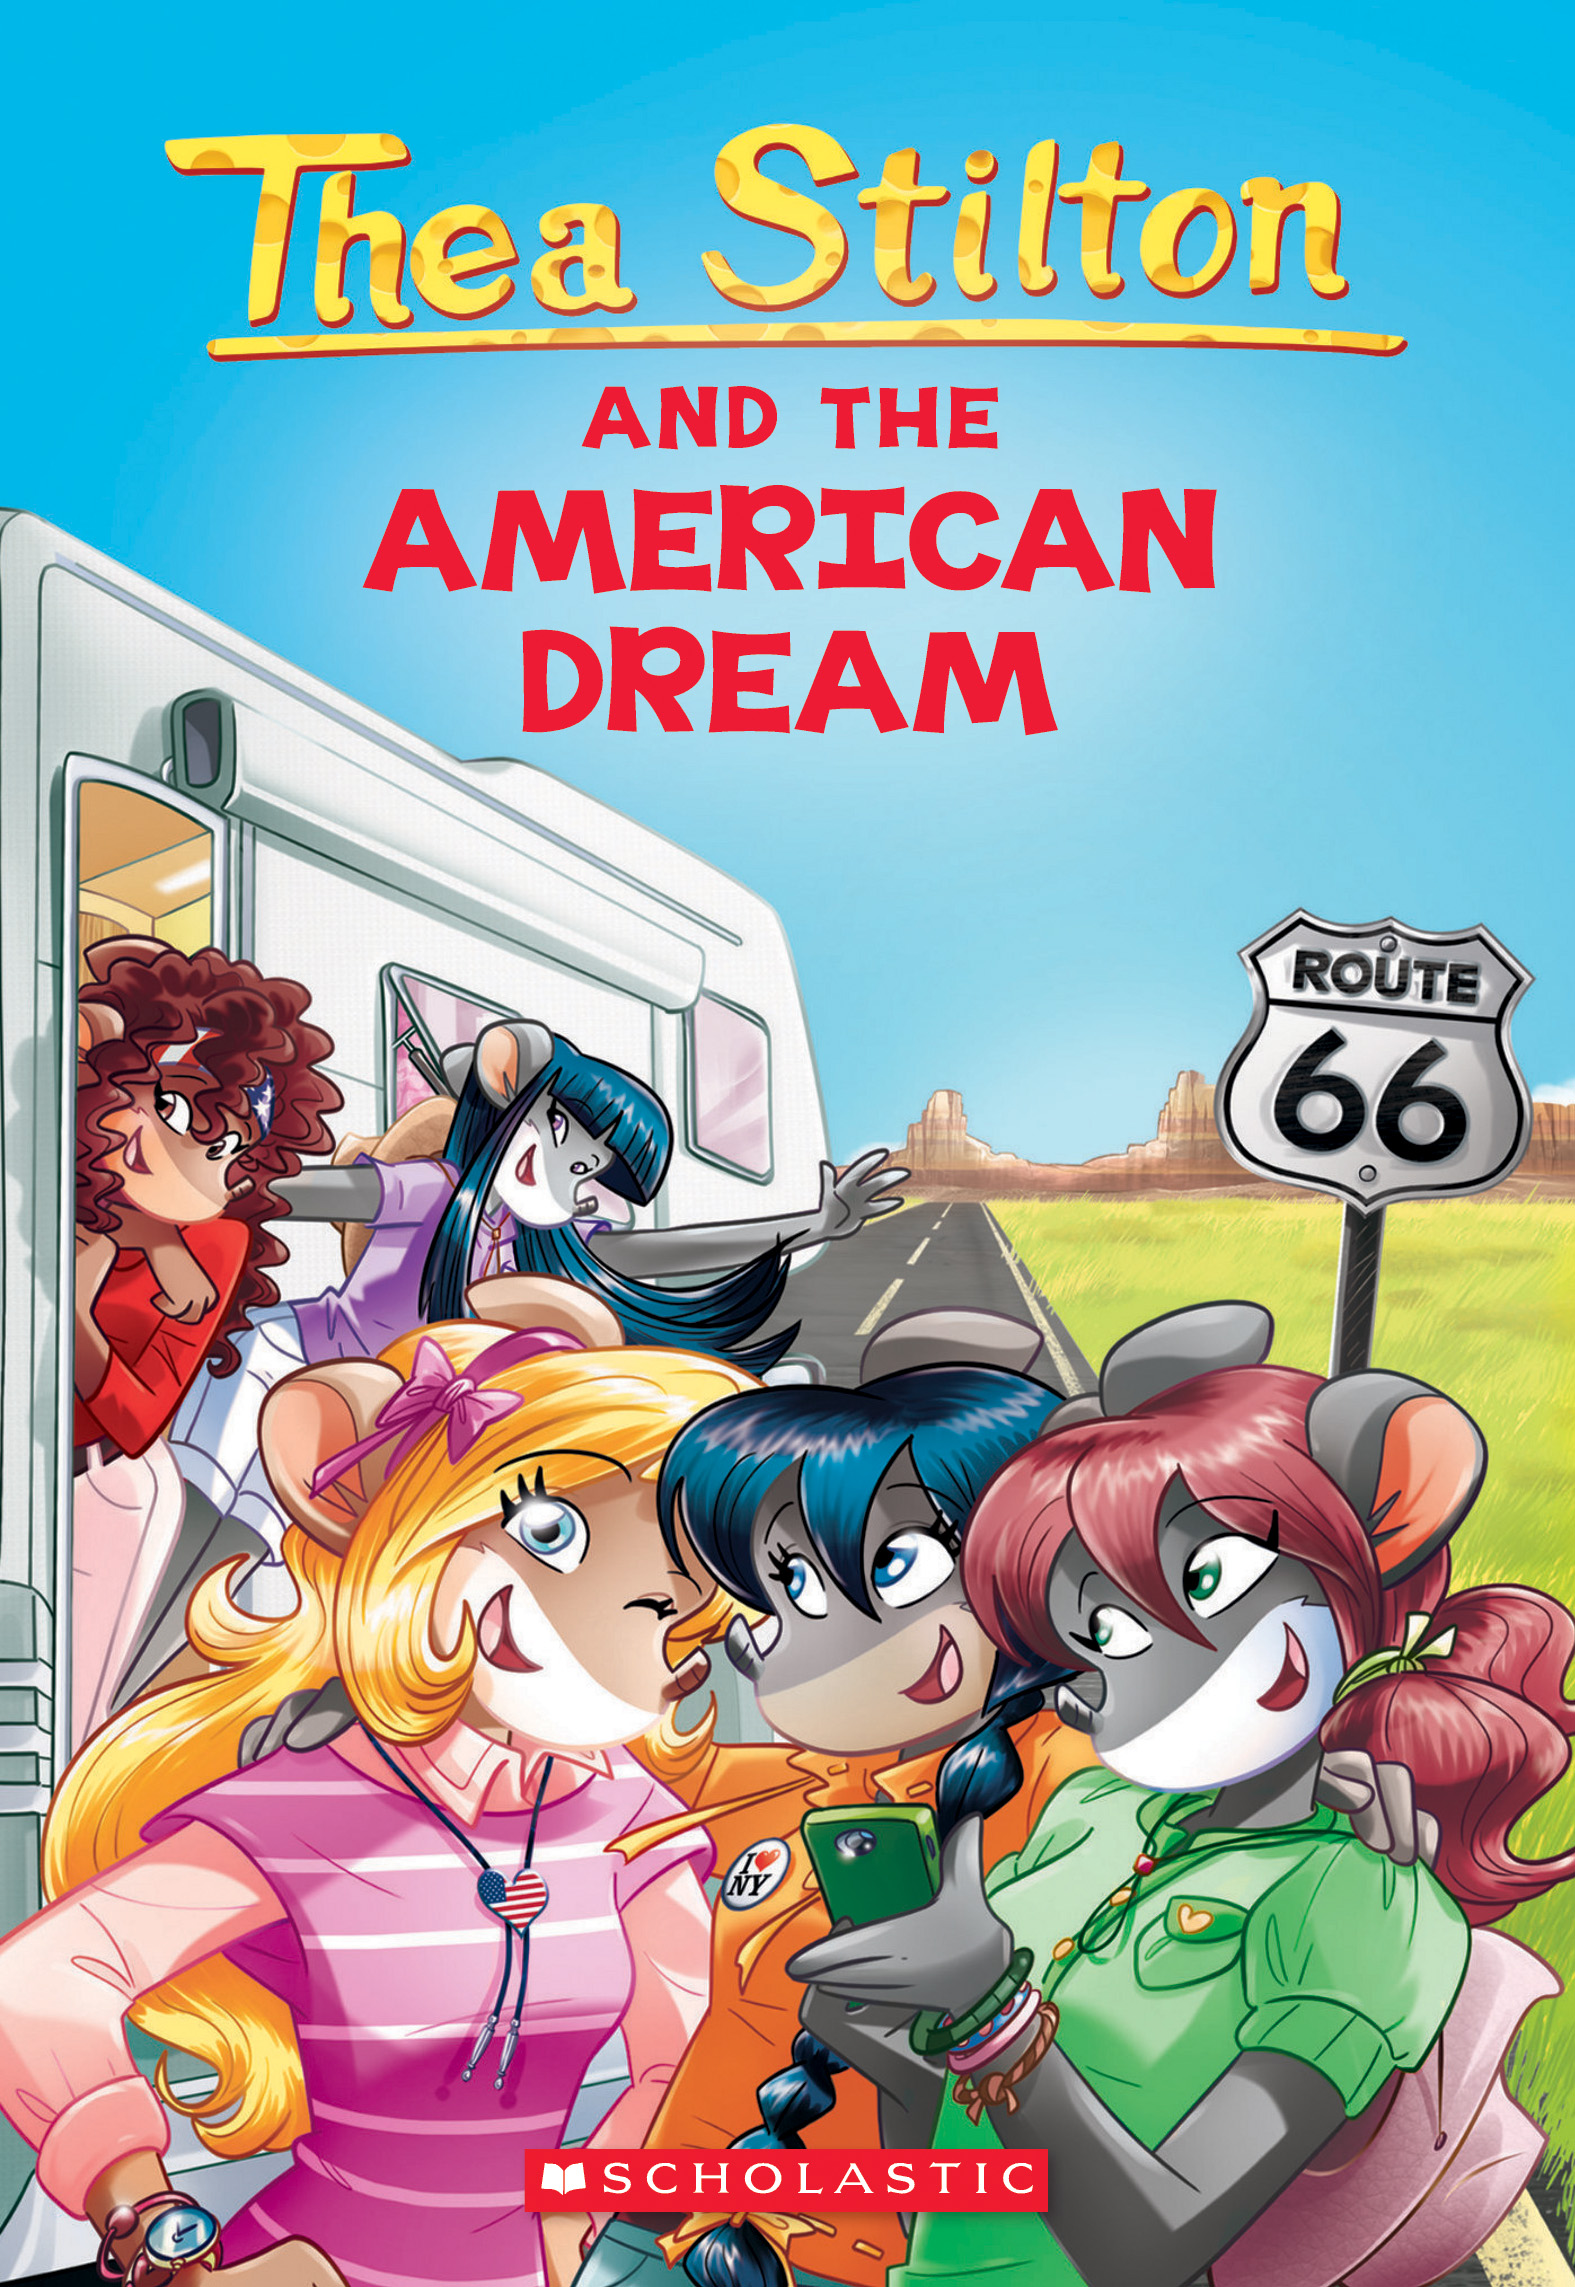 The American Dream (Thea Stilton #33)